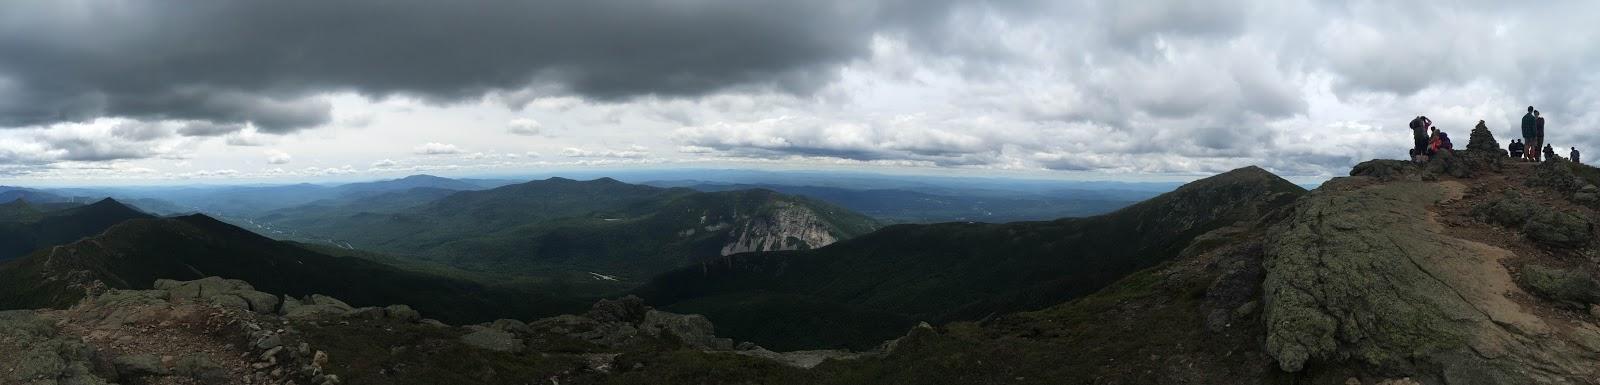 panoramic image of Lafayette Ridge in New Hampshire